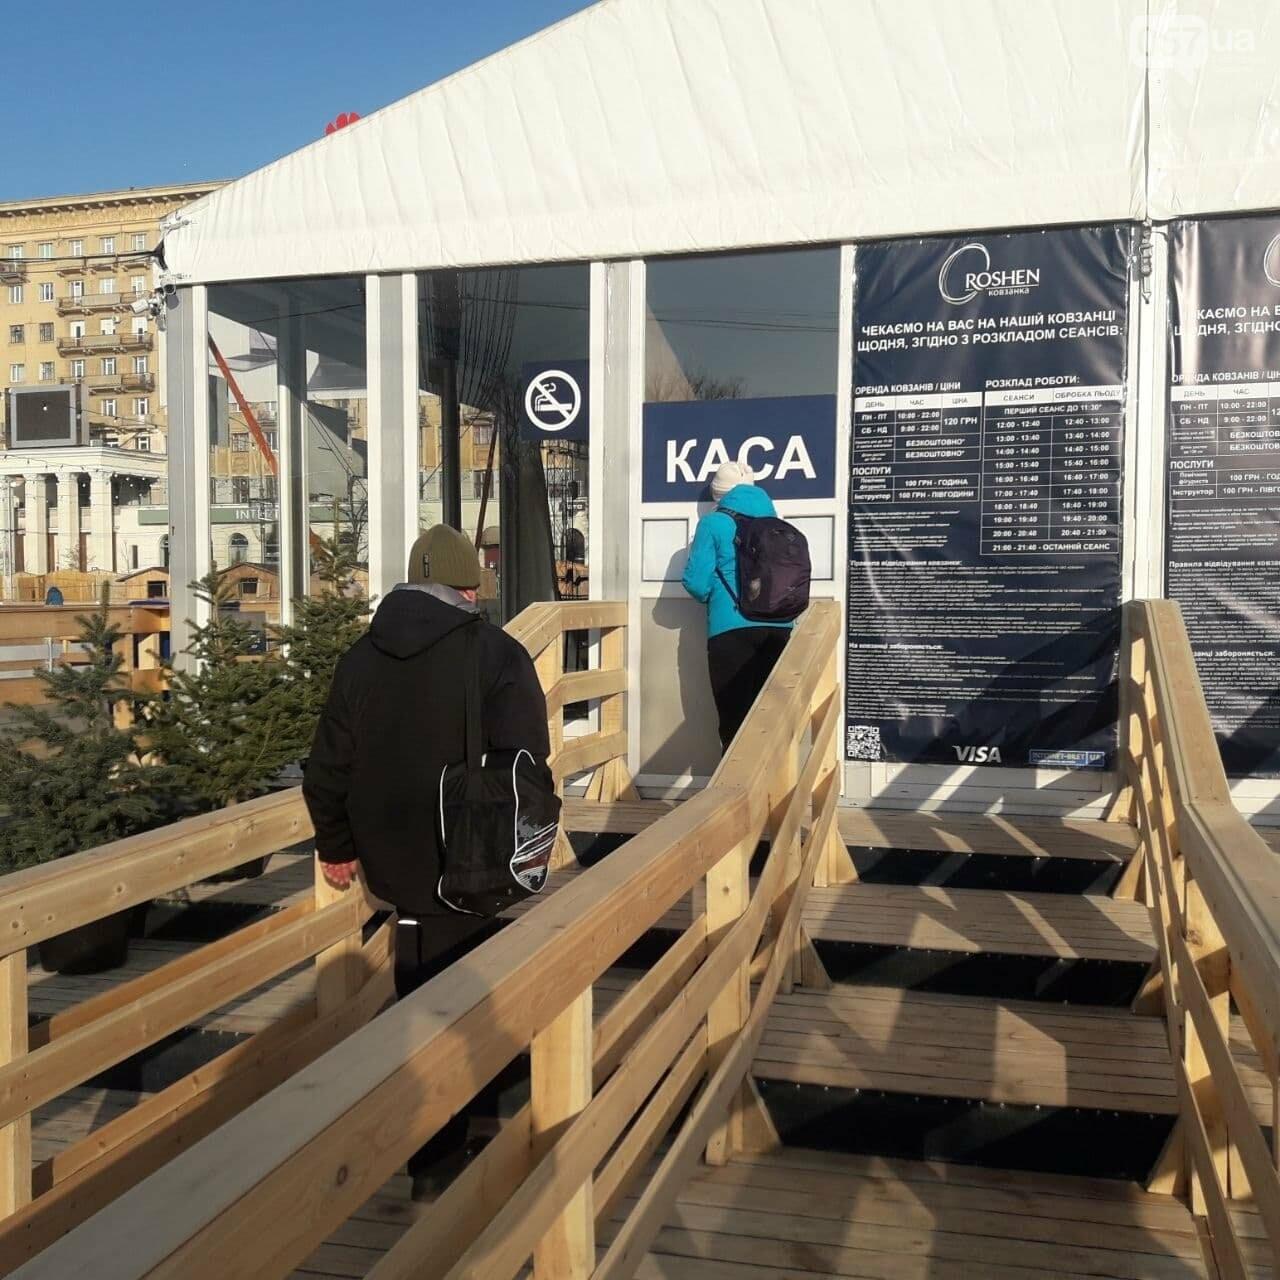 В Харькове на центральной площади открылся каток: цены, услуги и время работы, - ФОТО, фото-8